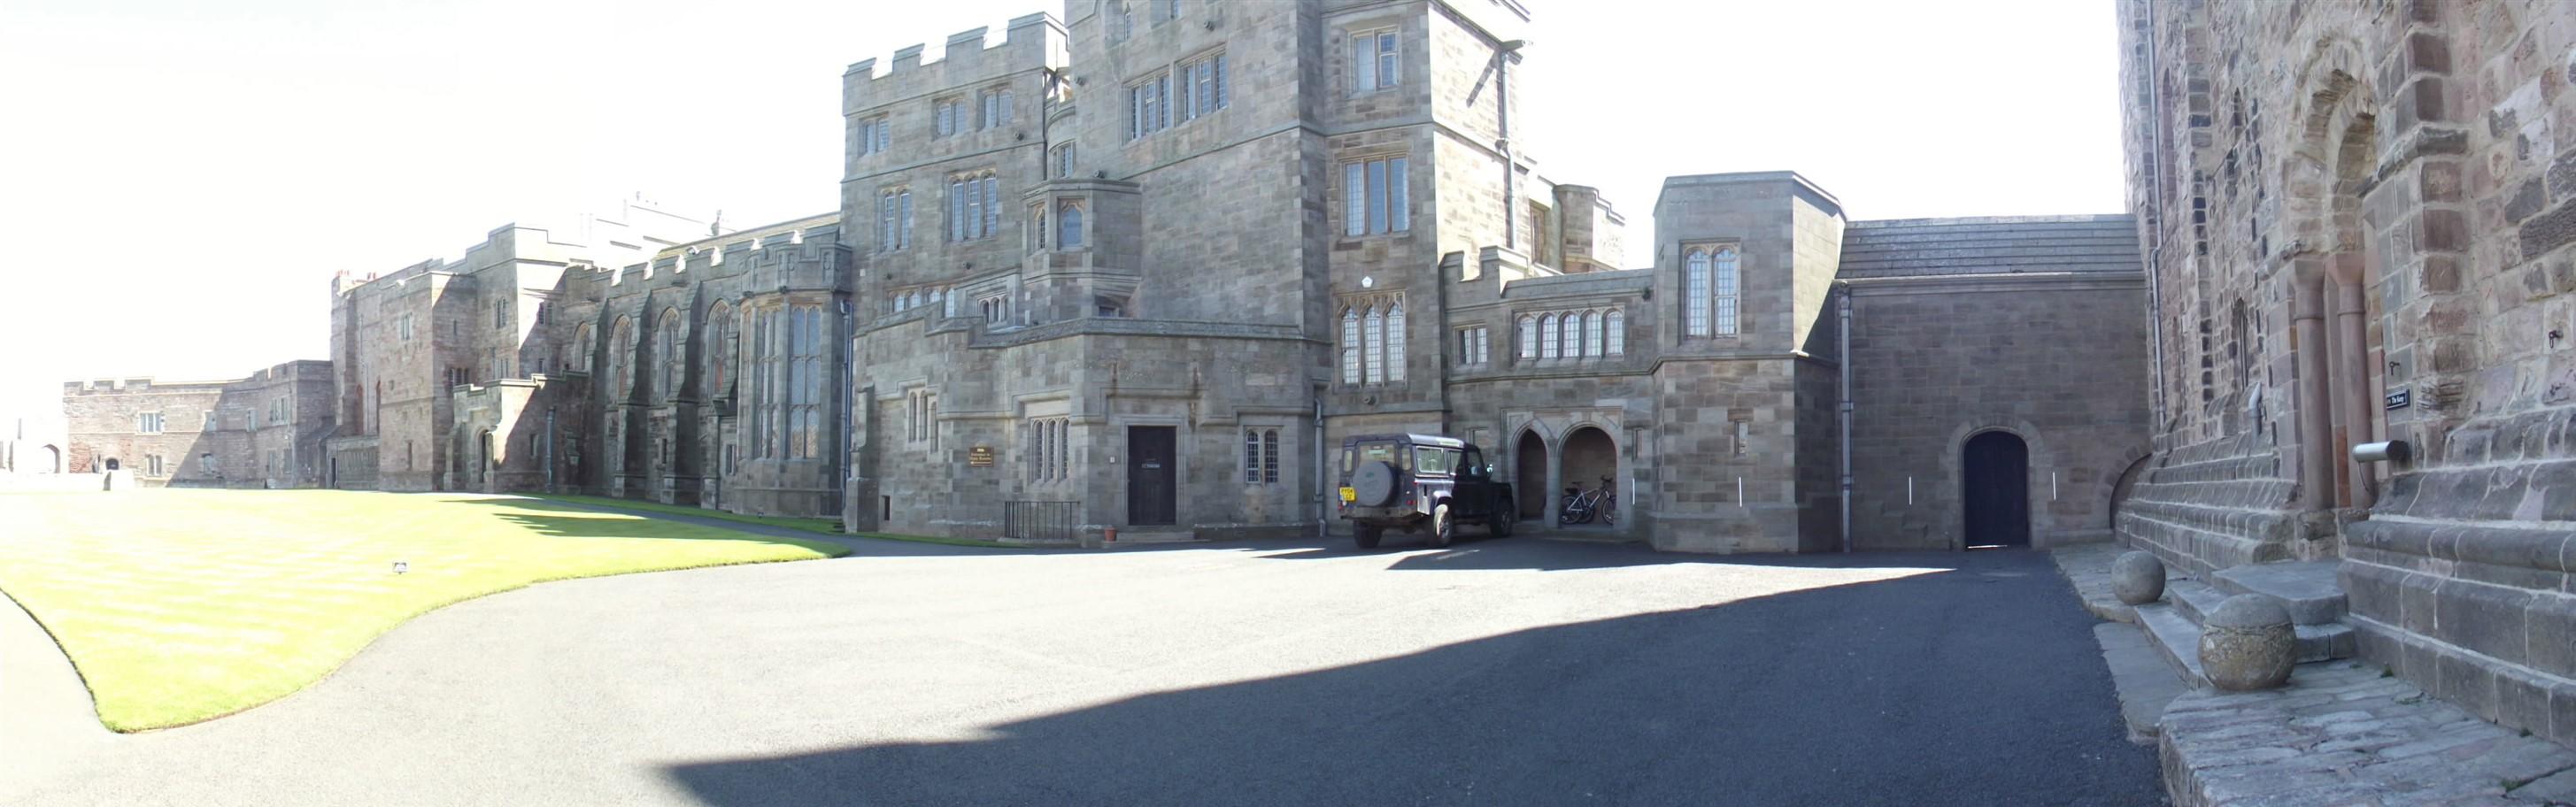 Castlefacts